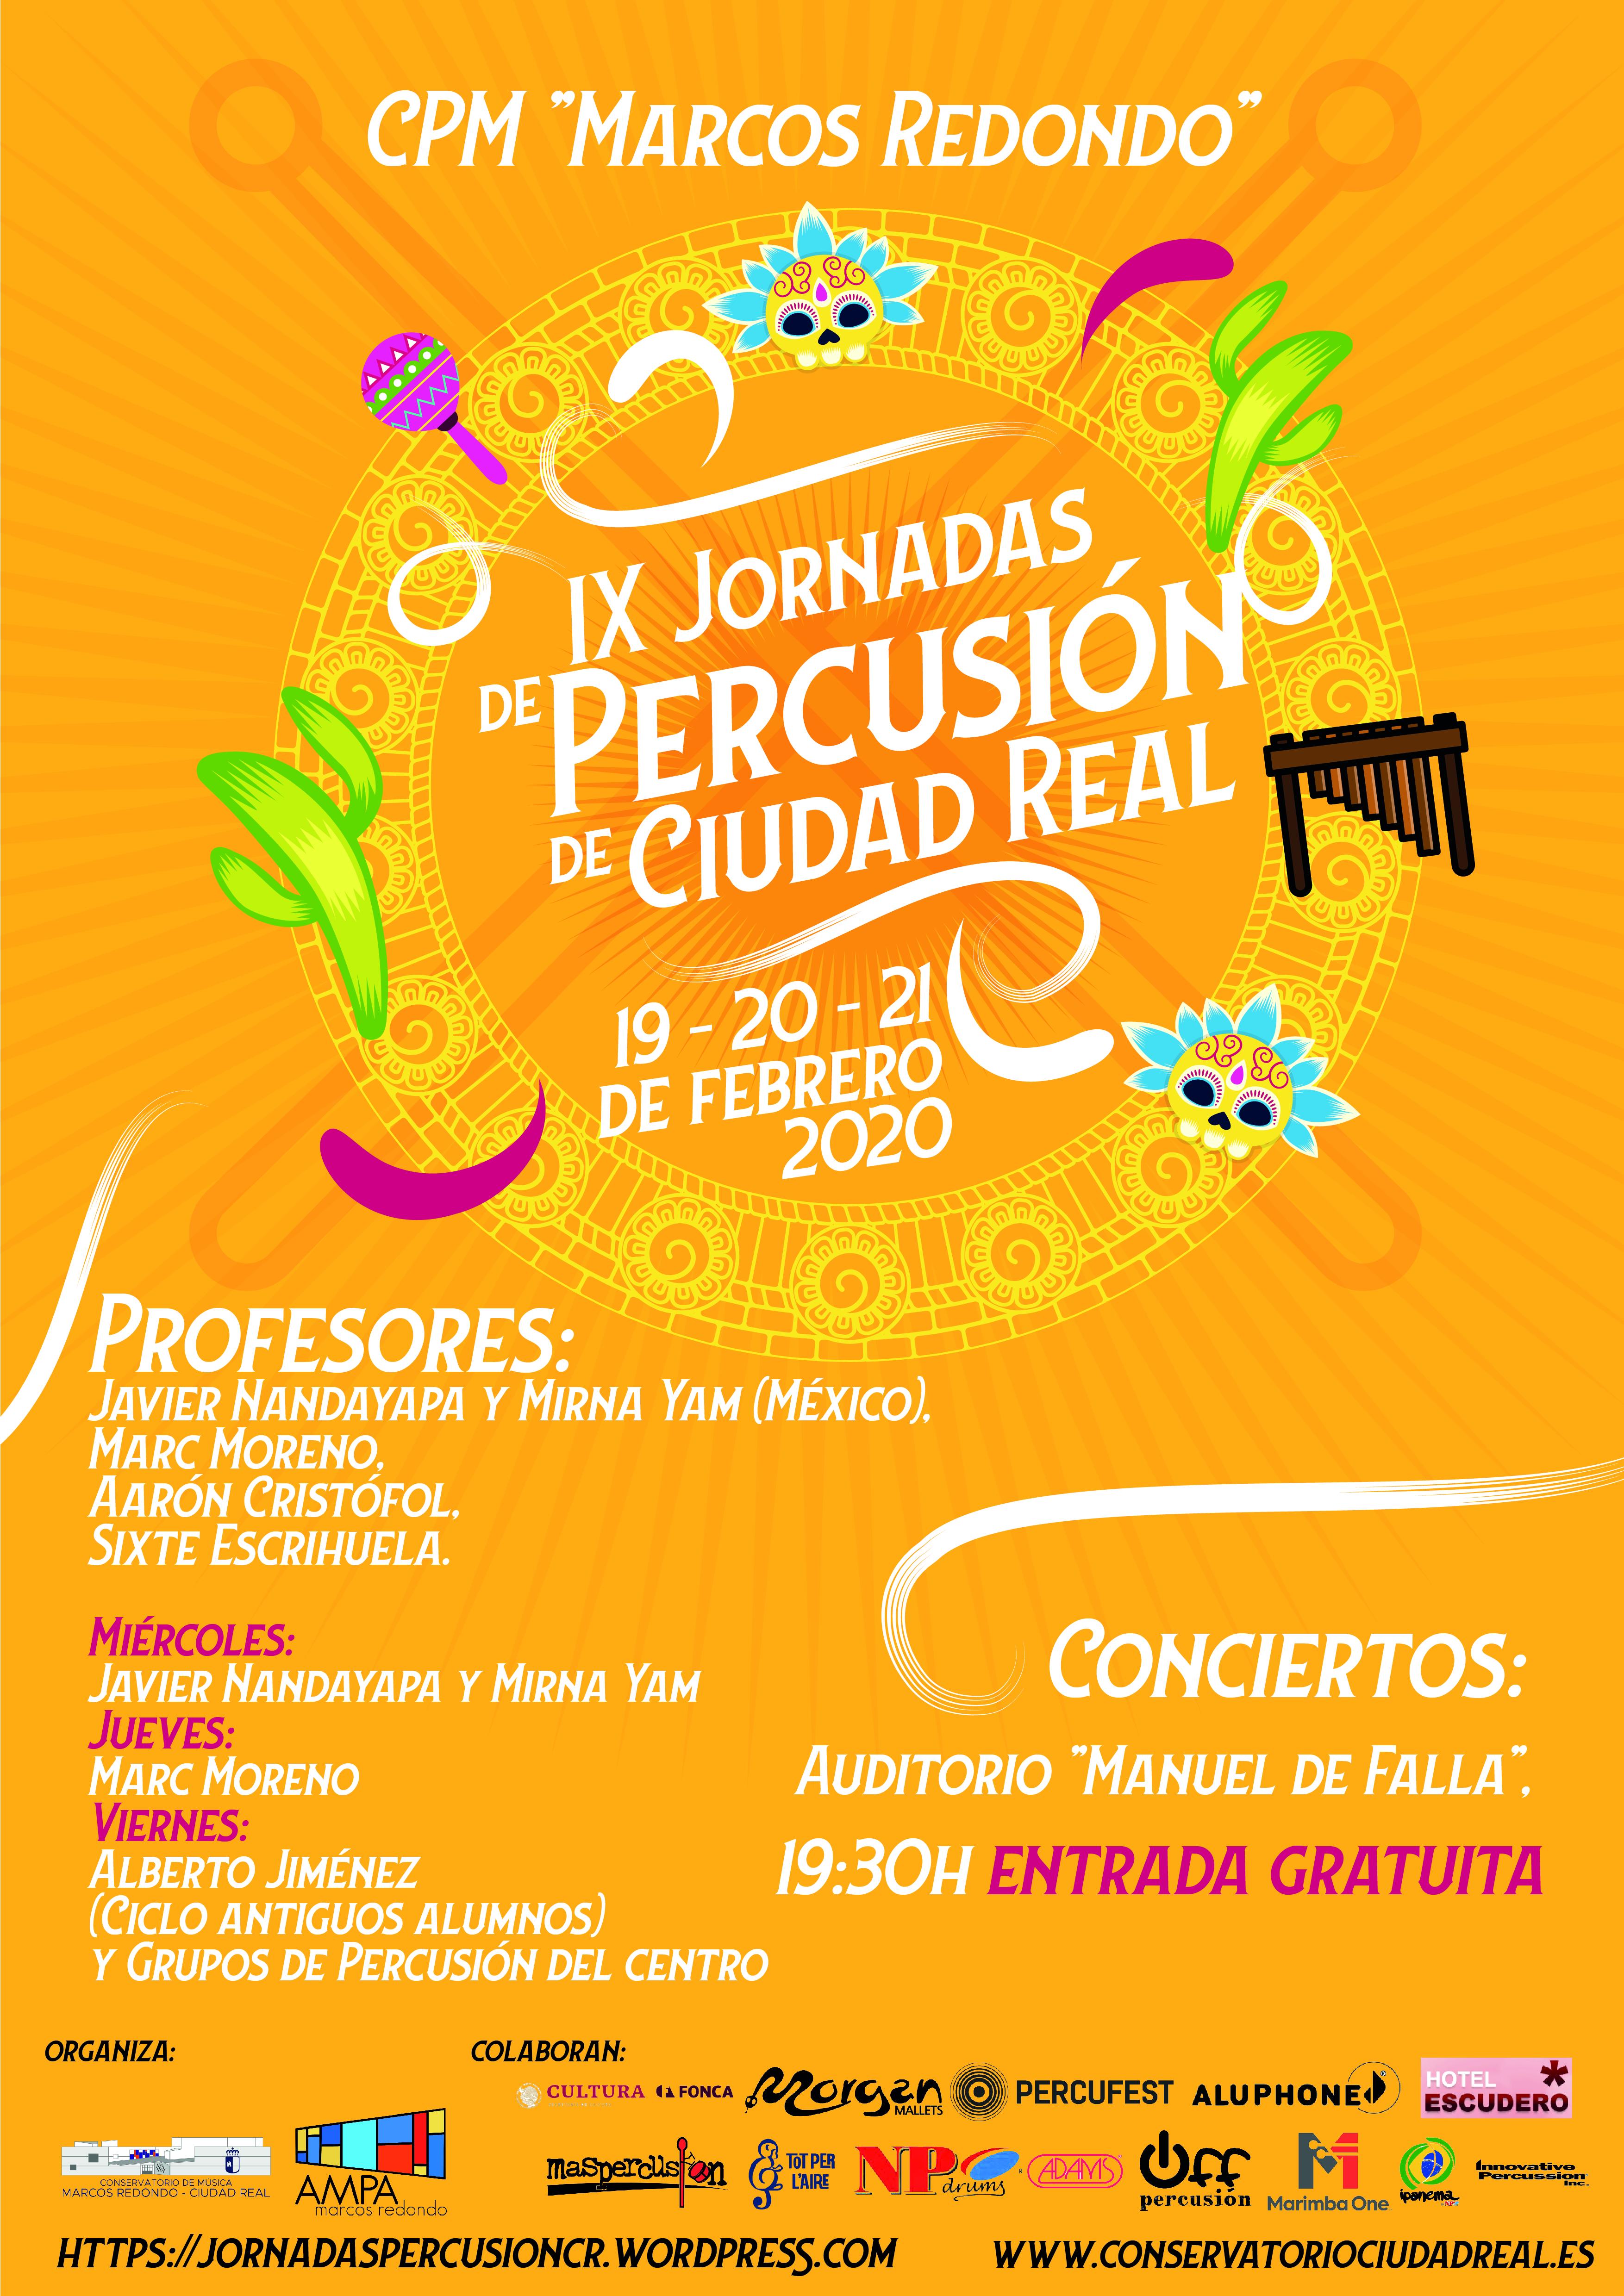 IX Jornadas de Percusión